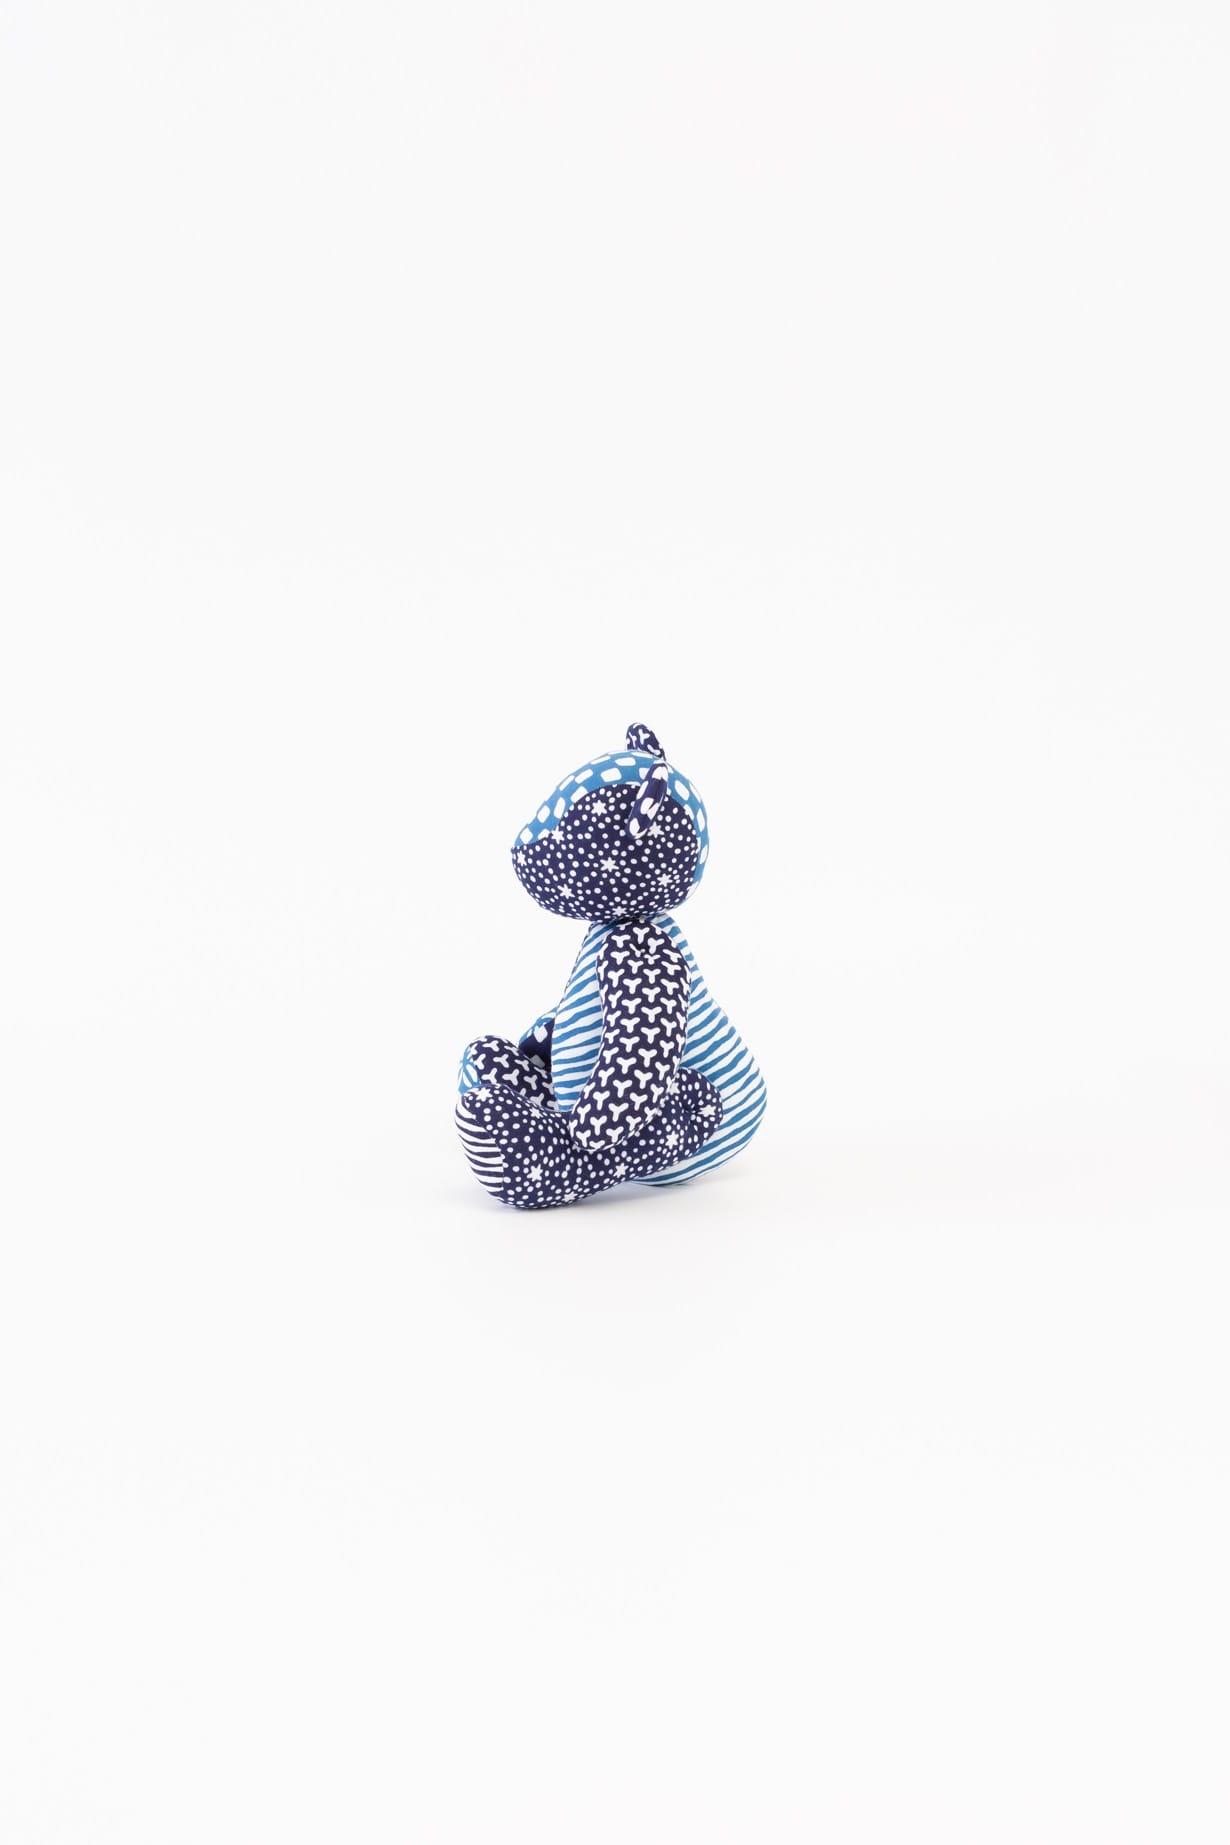 くま(ブルー)人形 横